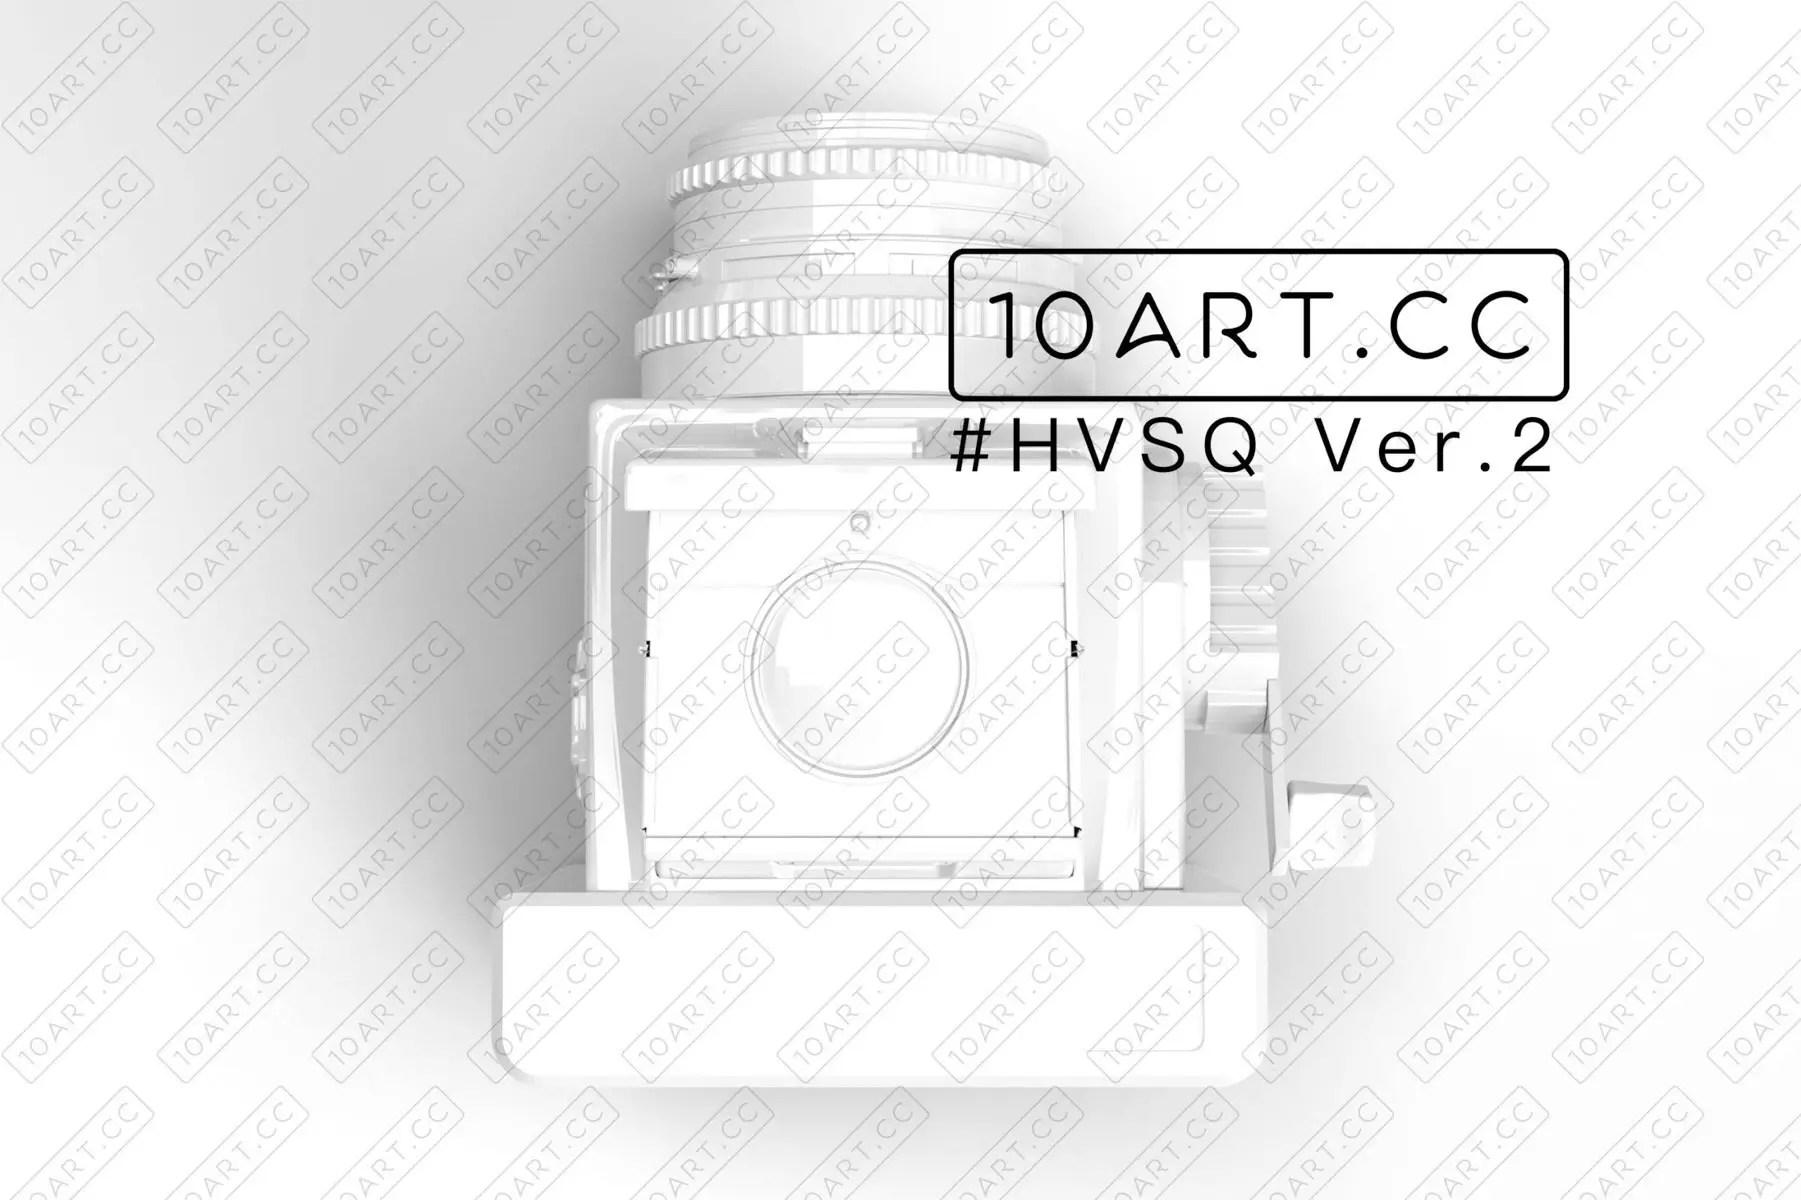 HVSQ Ver.2 Top down